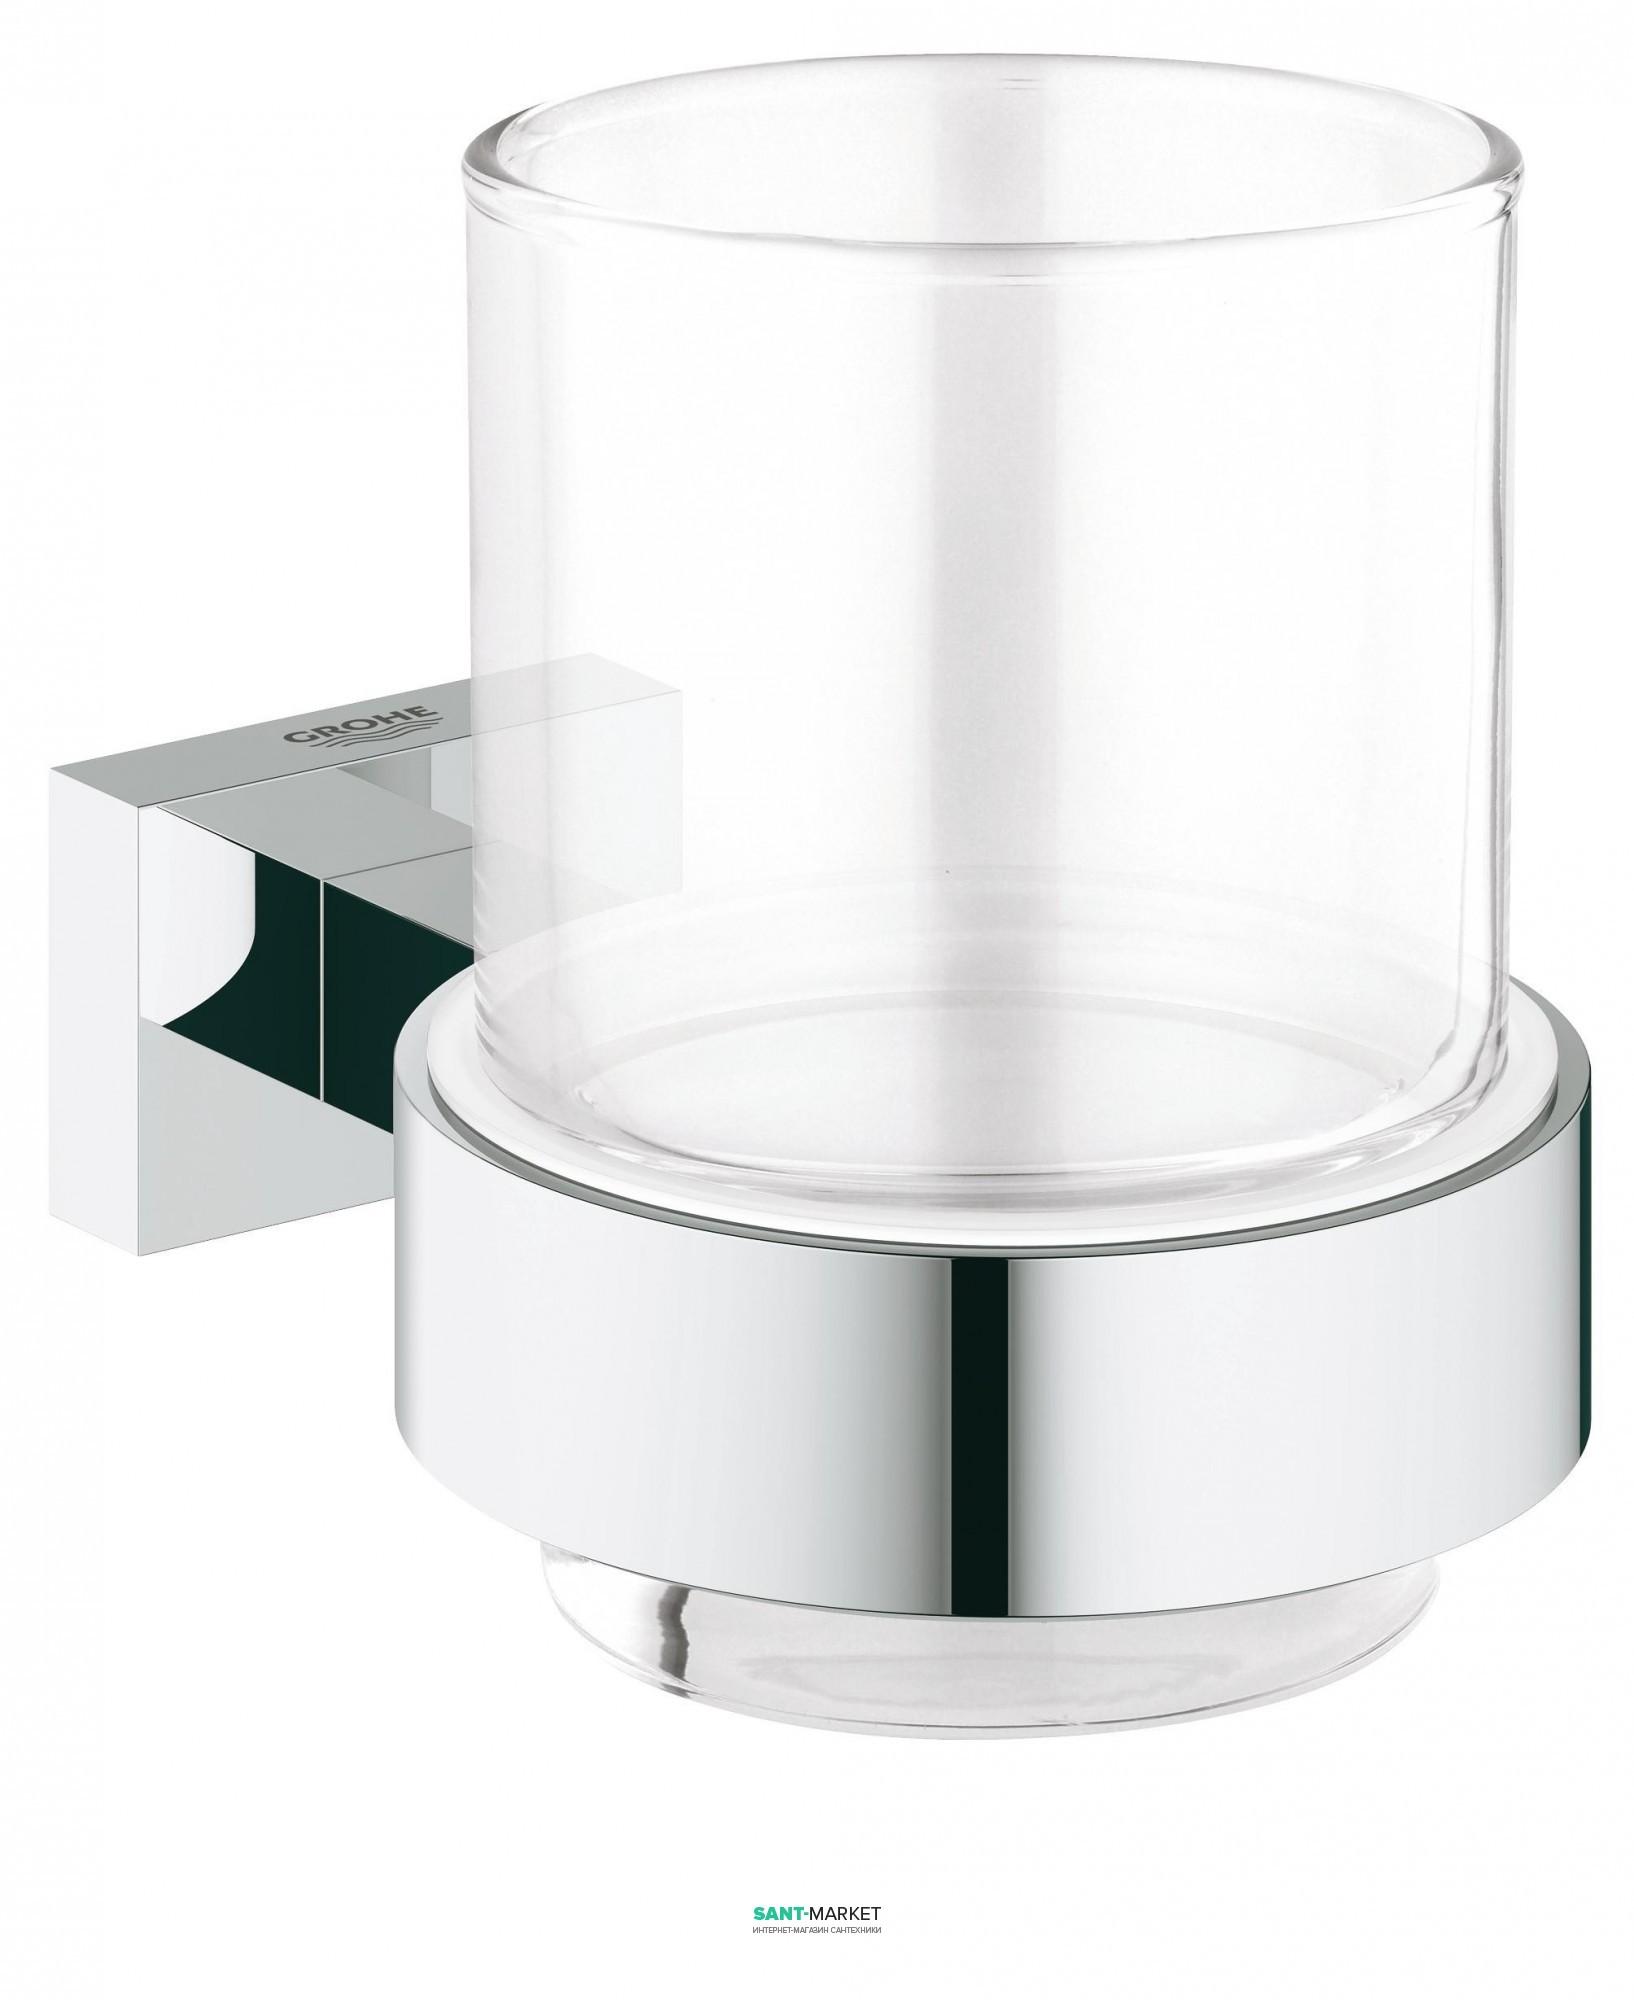 grohe Стакан с держателем Grohe Essentials Cube хром 40755001